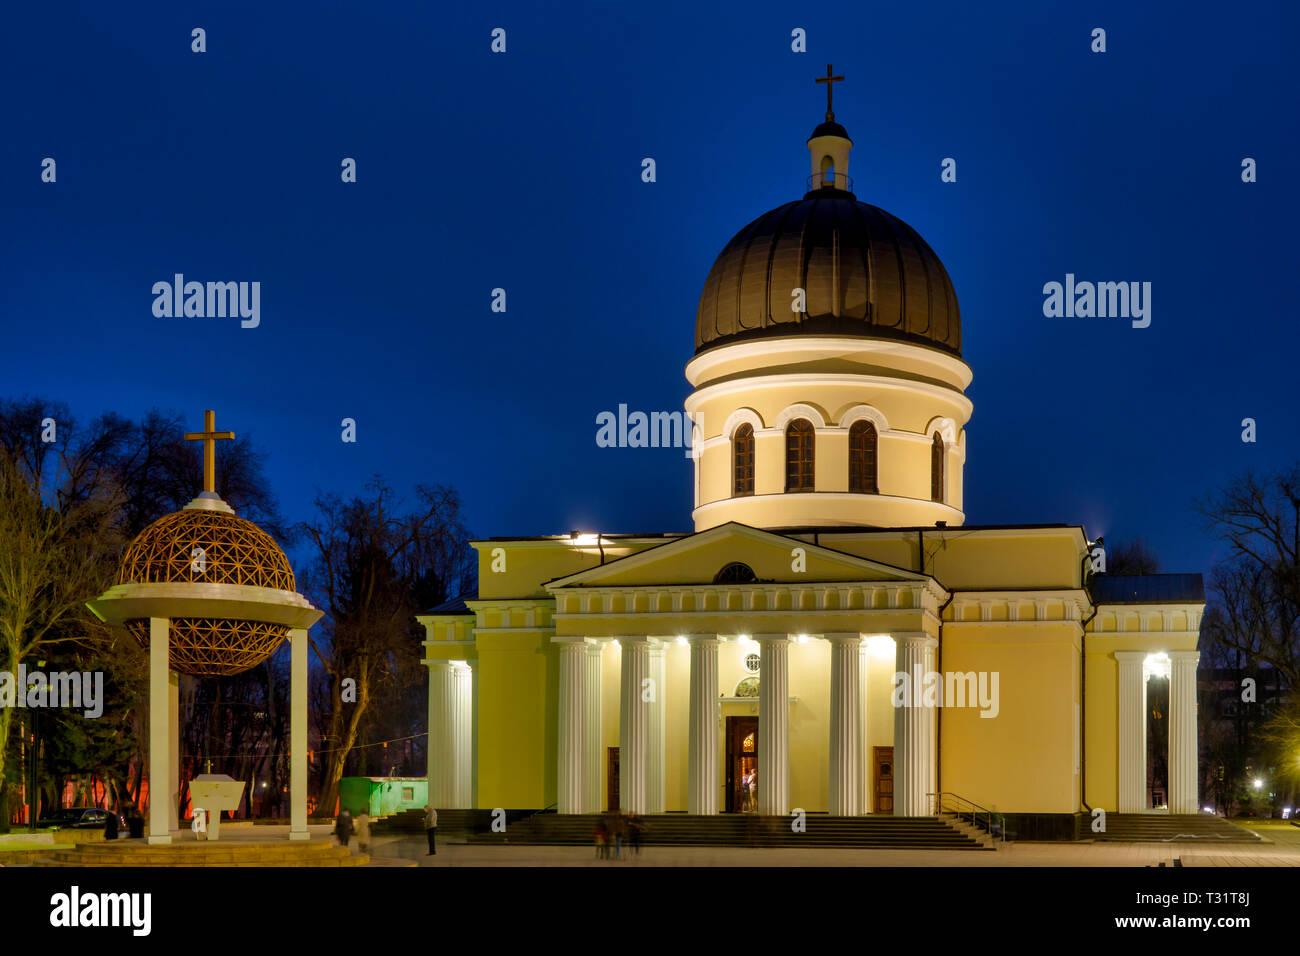 Cathedral of Christ's Nativity, Chișinău, Moldova - Stock Image